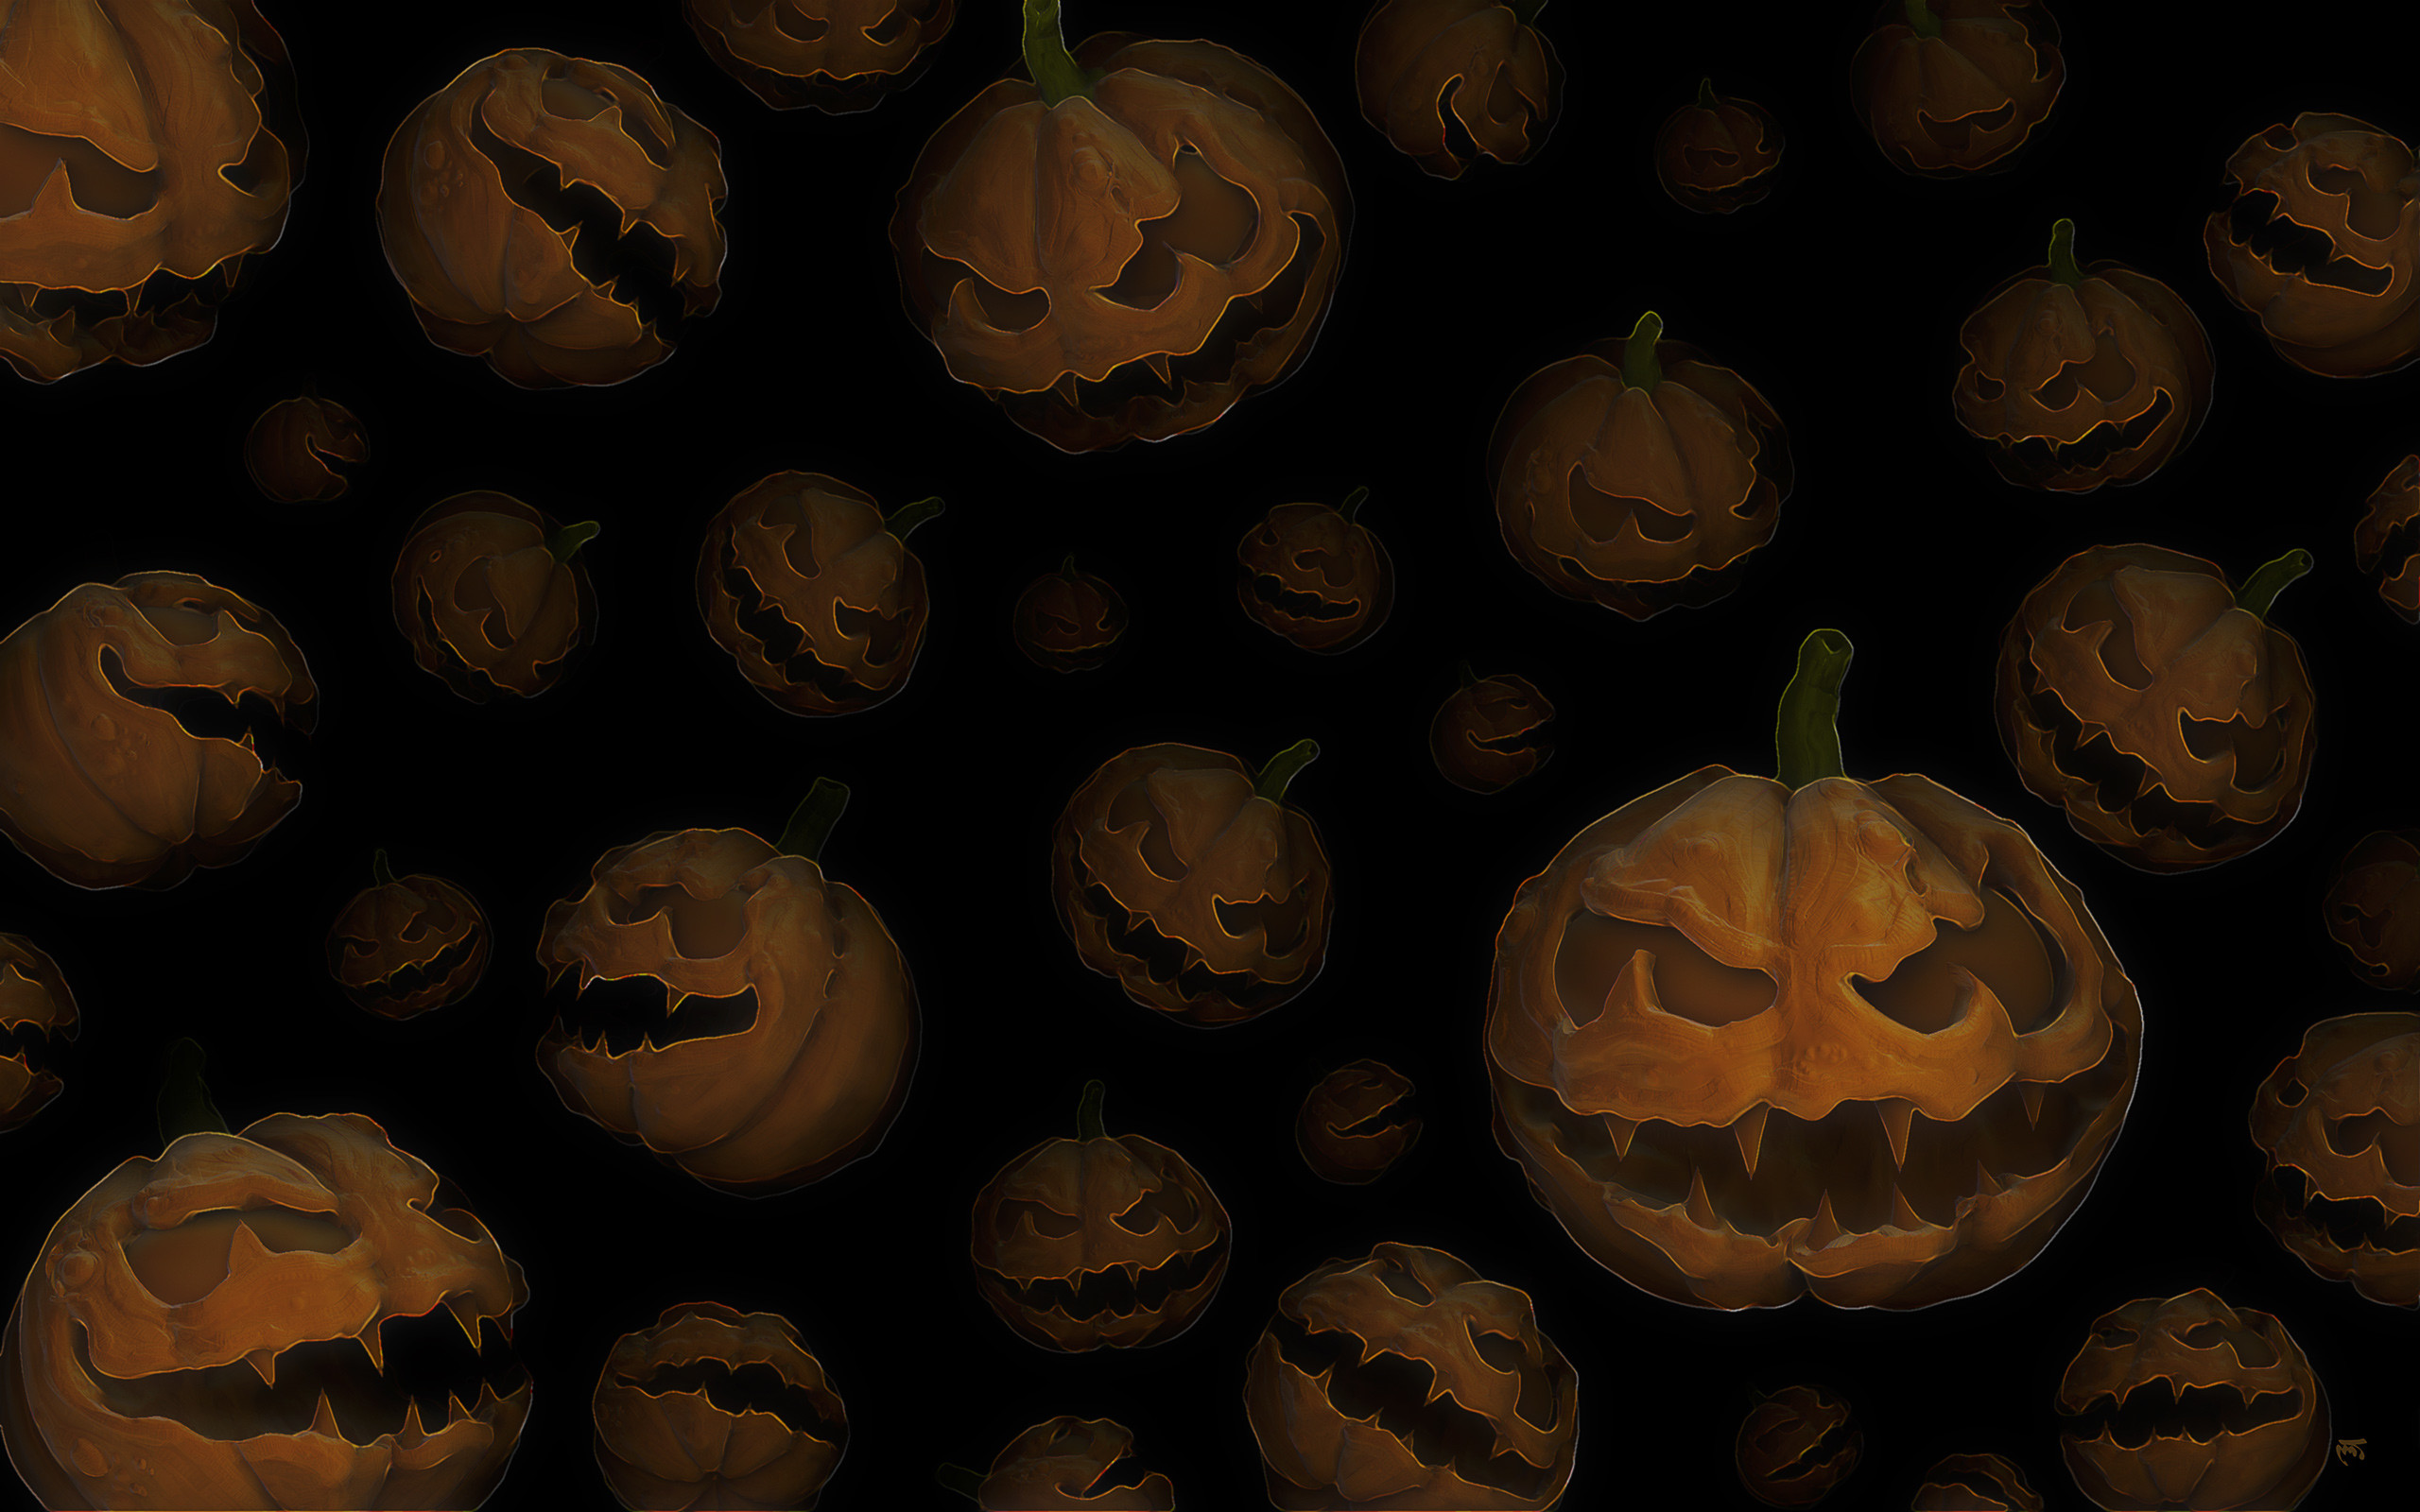 Spooky-Free-Halloween-Desktop-Wallpaper.jpg – Tales of Gaming. Spooky Free Halloween  Desktop Wallpaper Tales Of Gaming